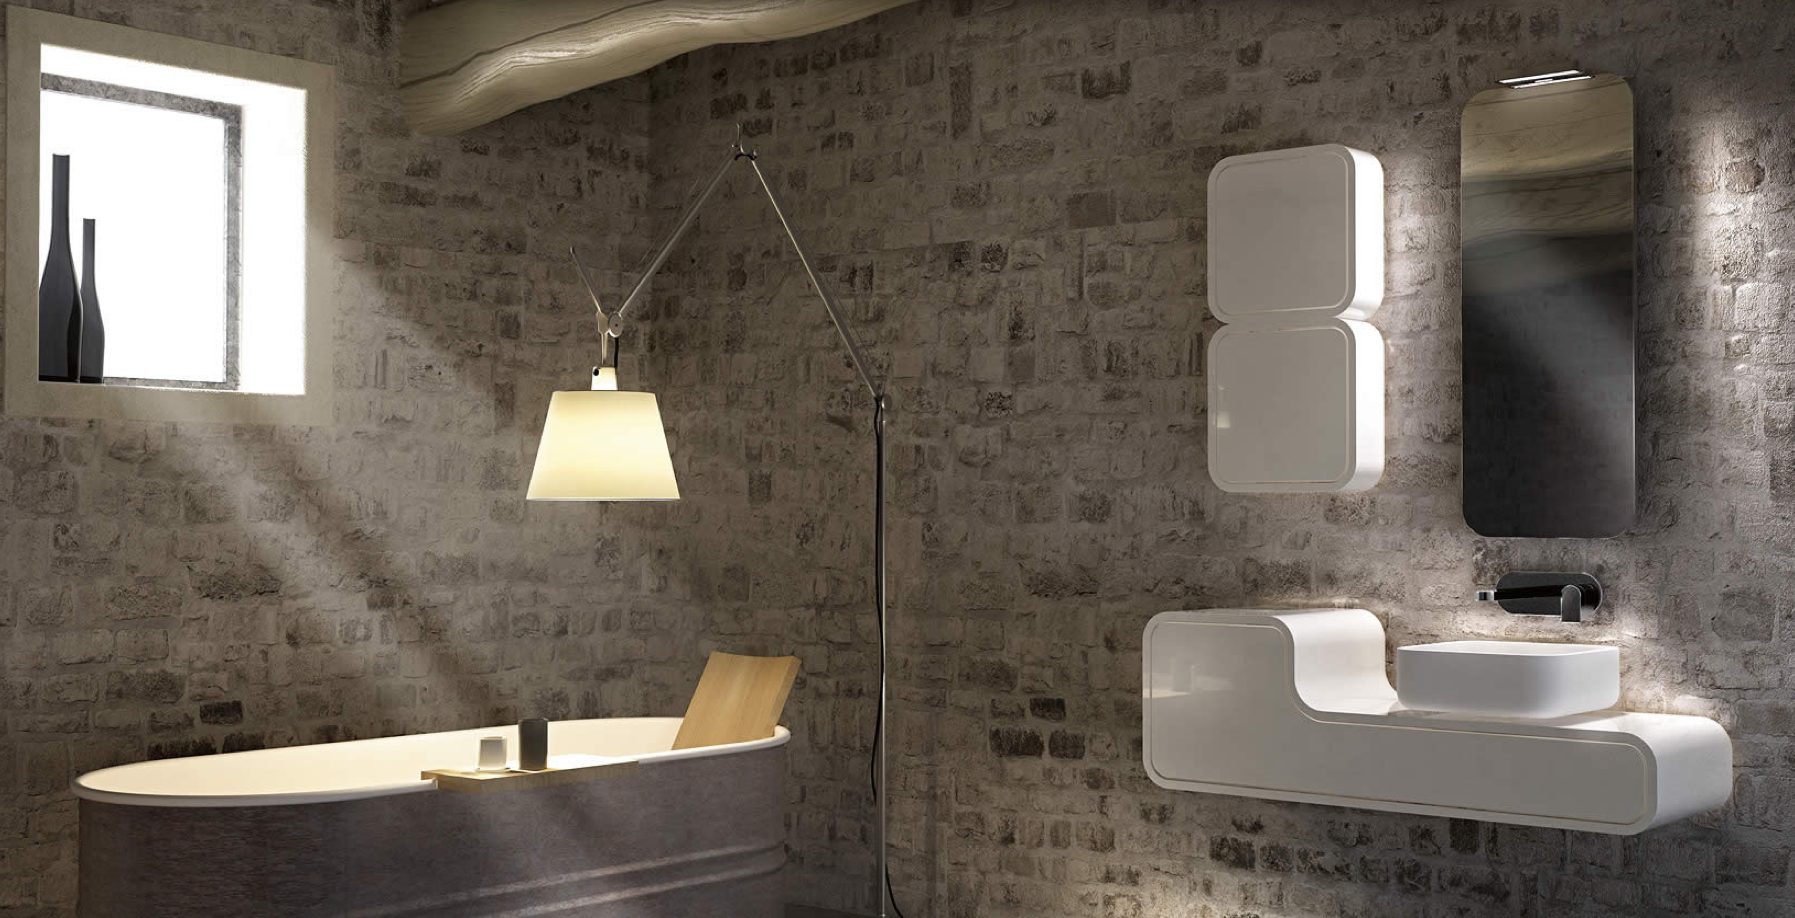 Arredamento Vasca Da Bagno Piccola : Interni d autore arredamenti u doccia o vasca da bagno